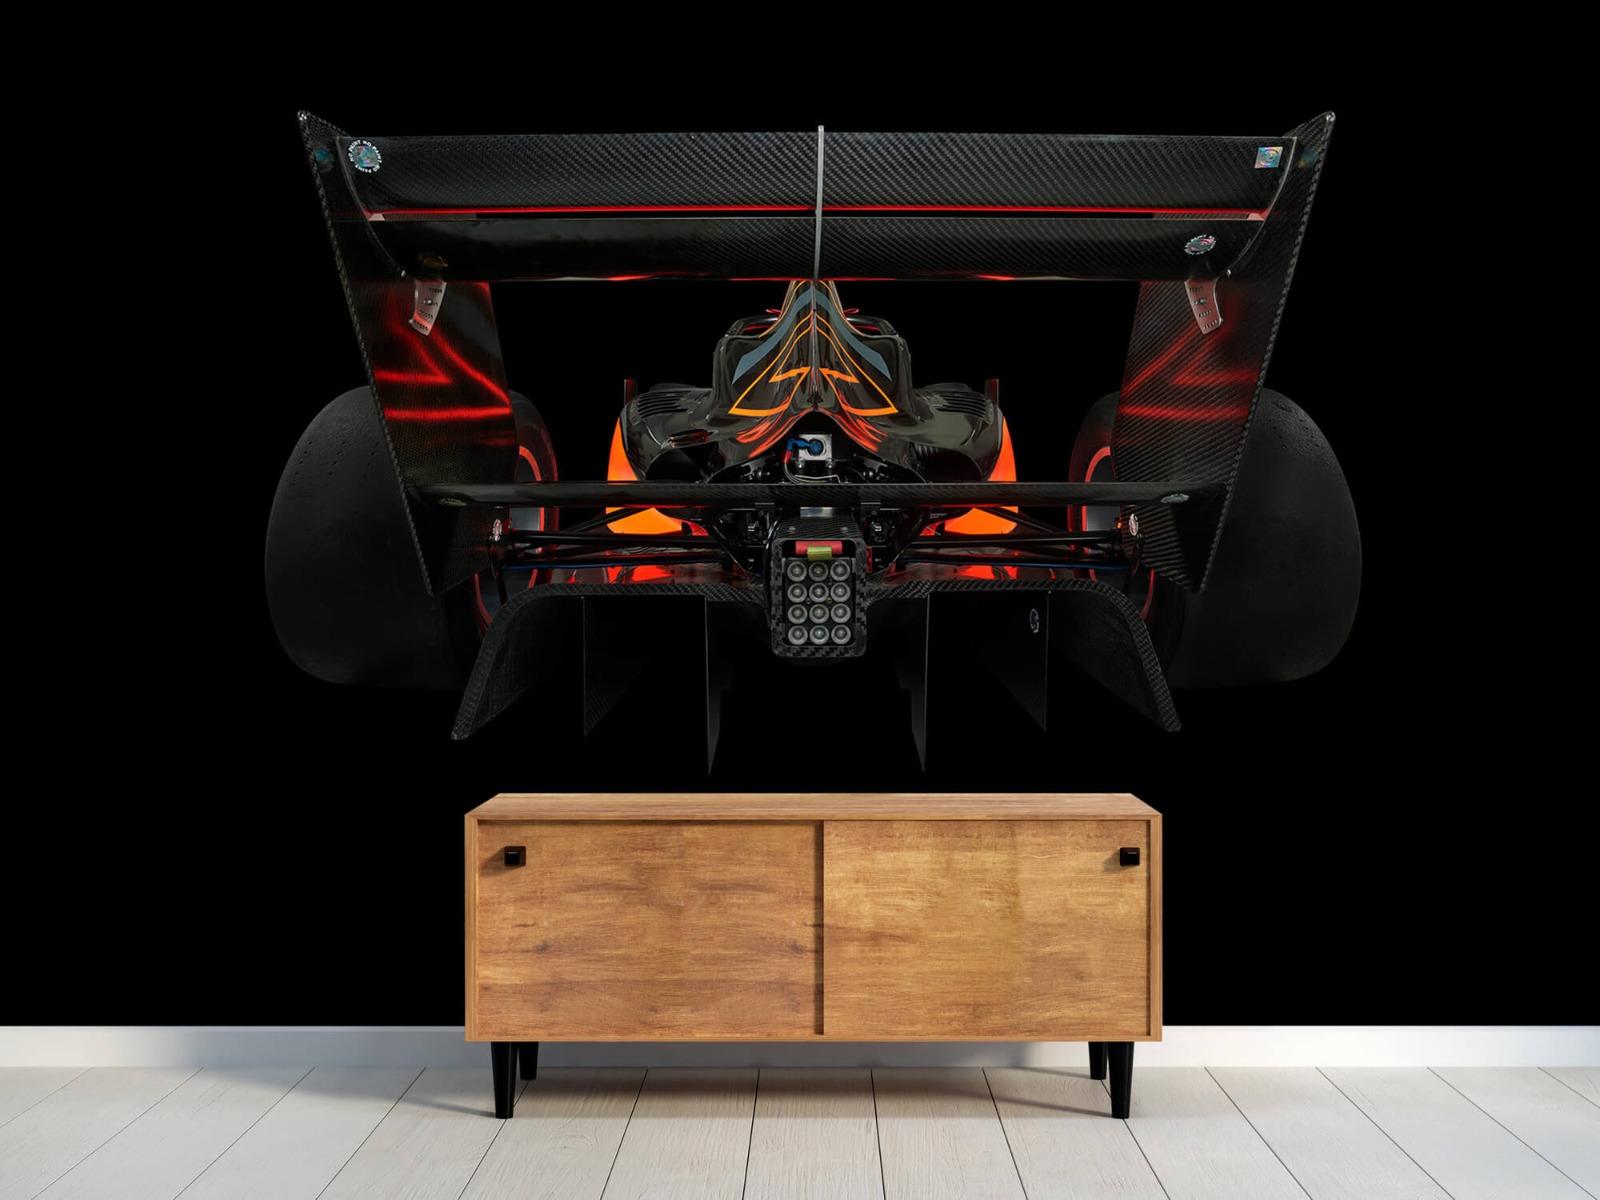 Sportauto's - Formule 3 - Lower rear view - dark - Garage 9